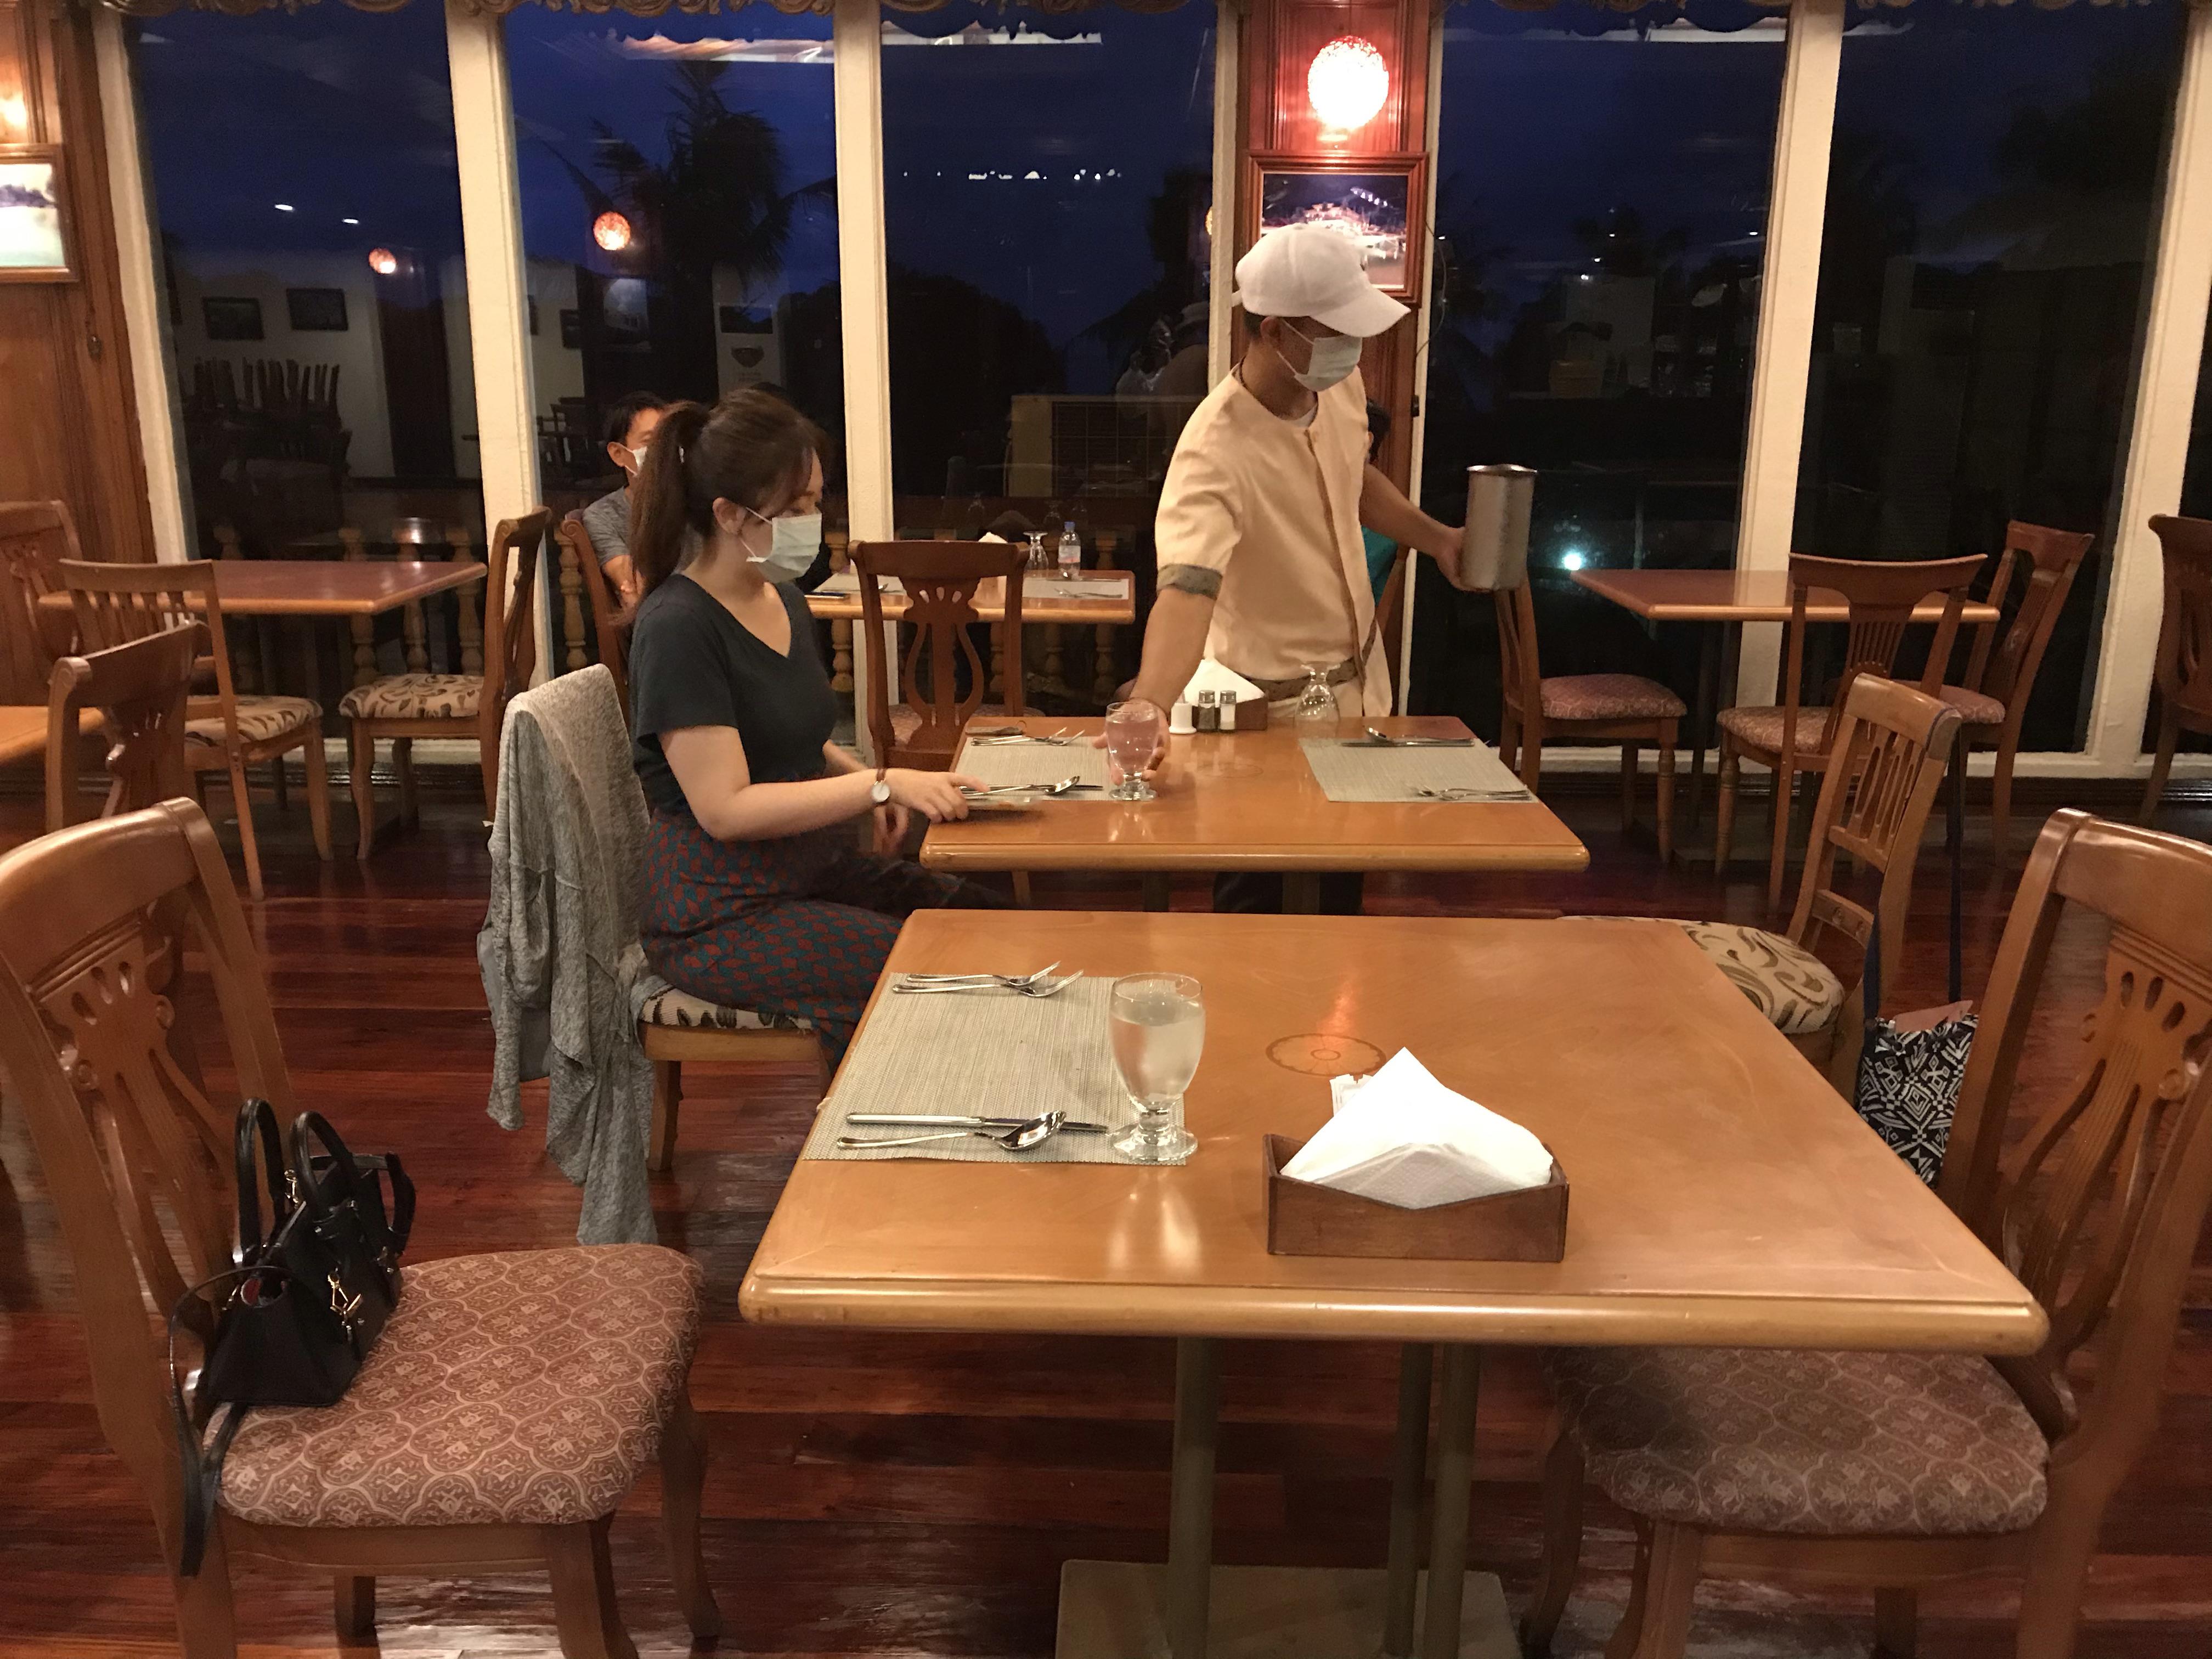 ホテル食堂にて食事を待つ女性